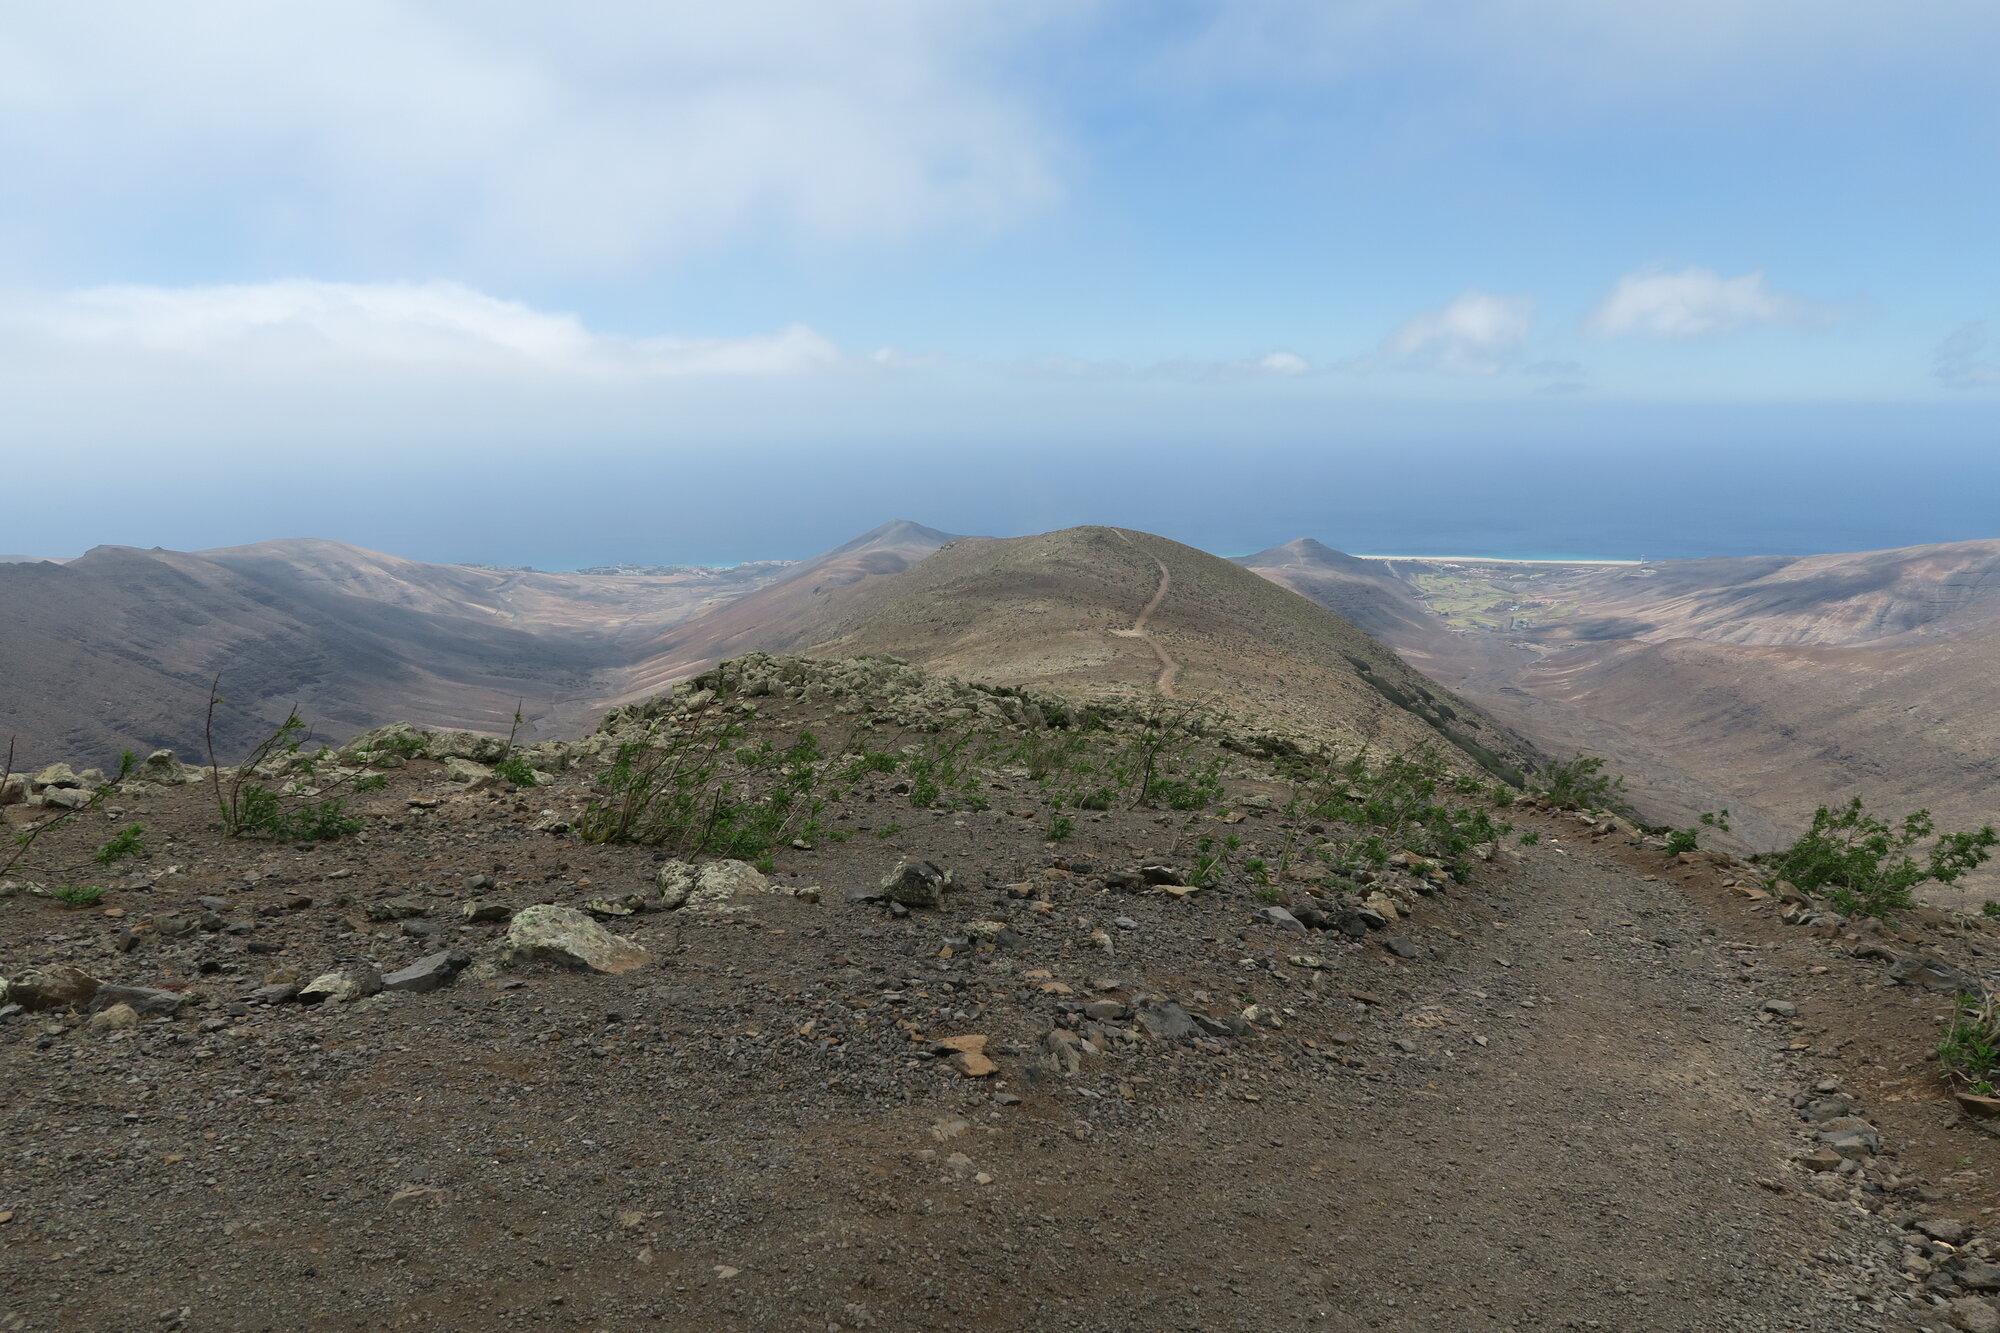 výhledy po cestě na Pico del Zarza